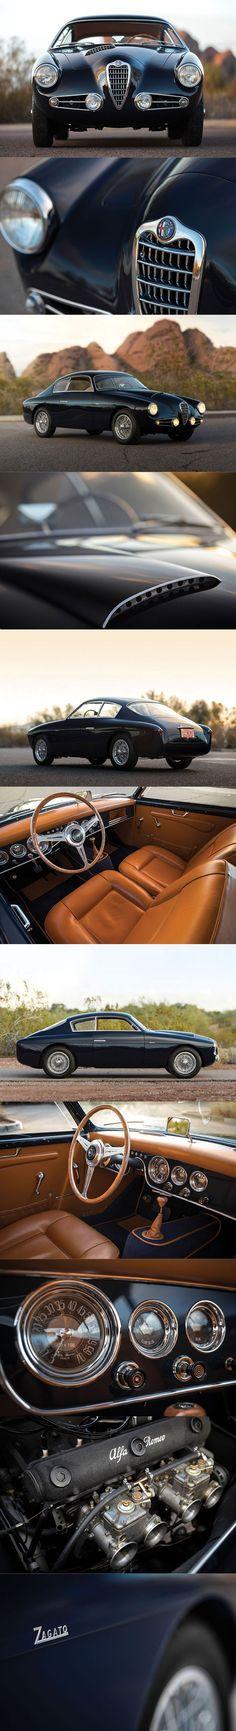 1955 Alfa Romeo 1900 C SS Berlinetta / Zagato / s/n 01909 / RM Sotheby's / Italy / black / 17-380 #alfa #alfaromeo #italiandesign